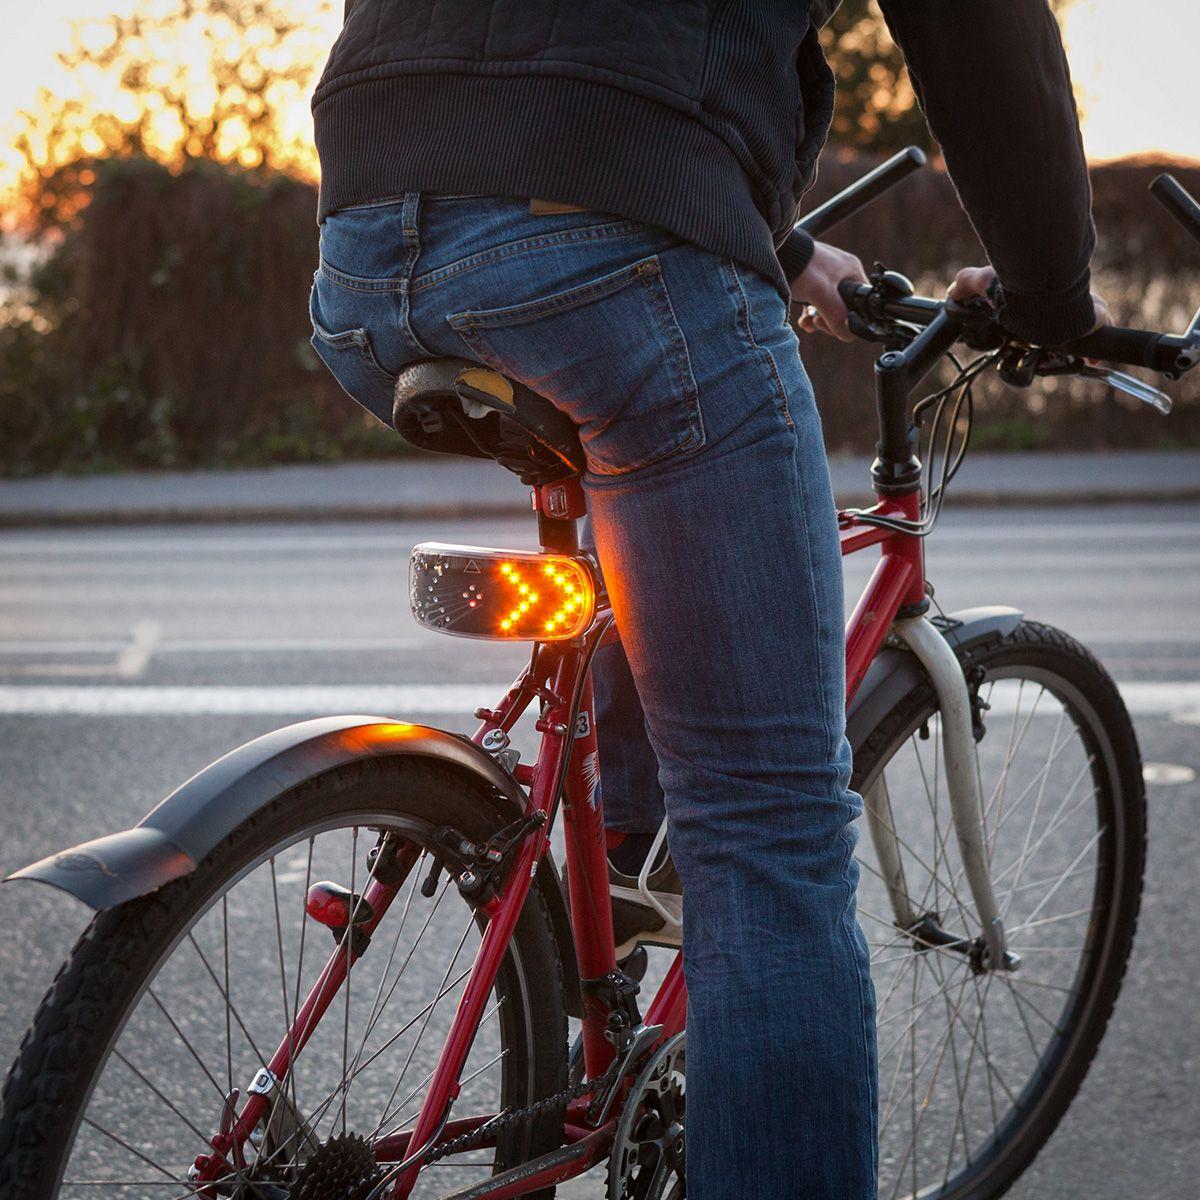 Iggi Signal Pod Blinkersystem Fur S Fahrrad En 2020 Velo Scooter Sous Marin Feu Arriere